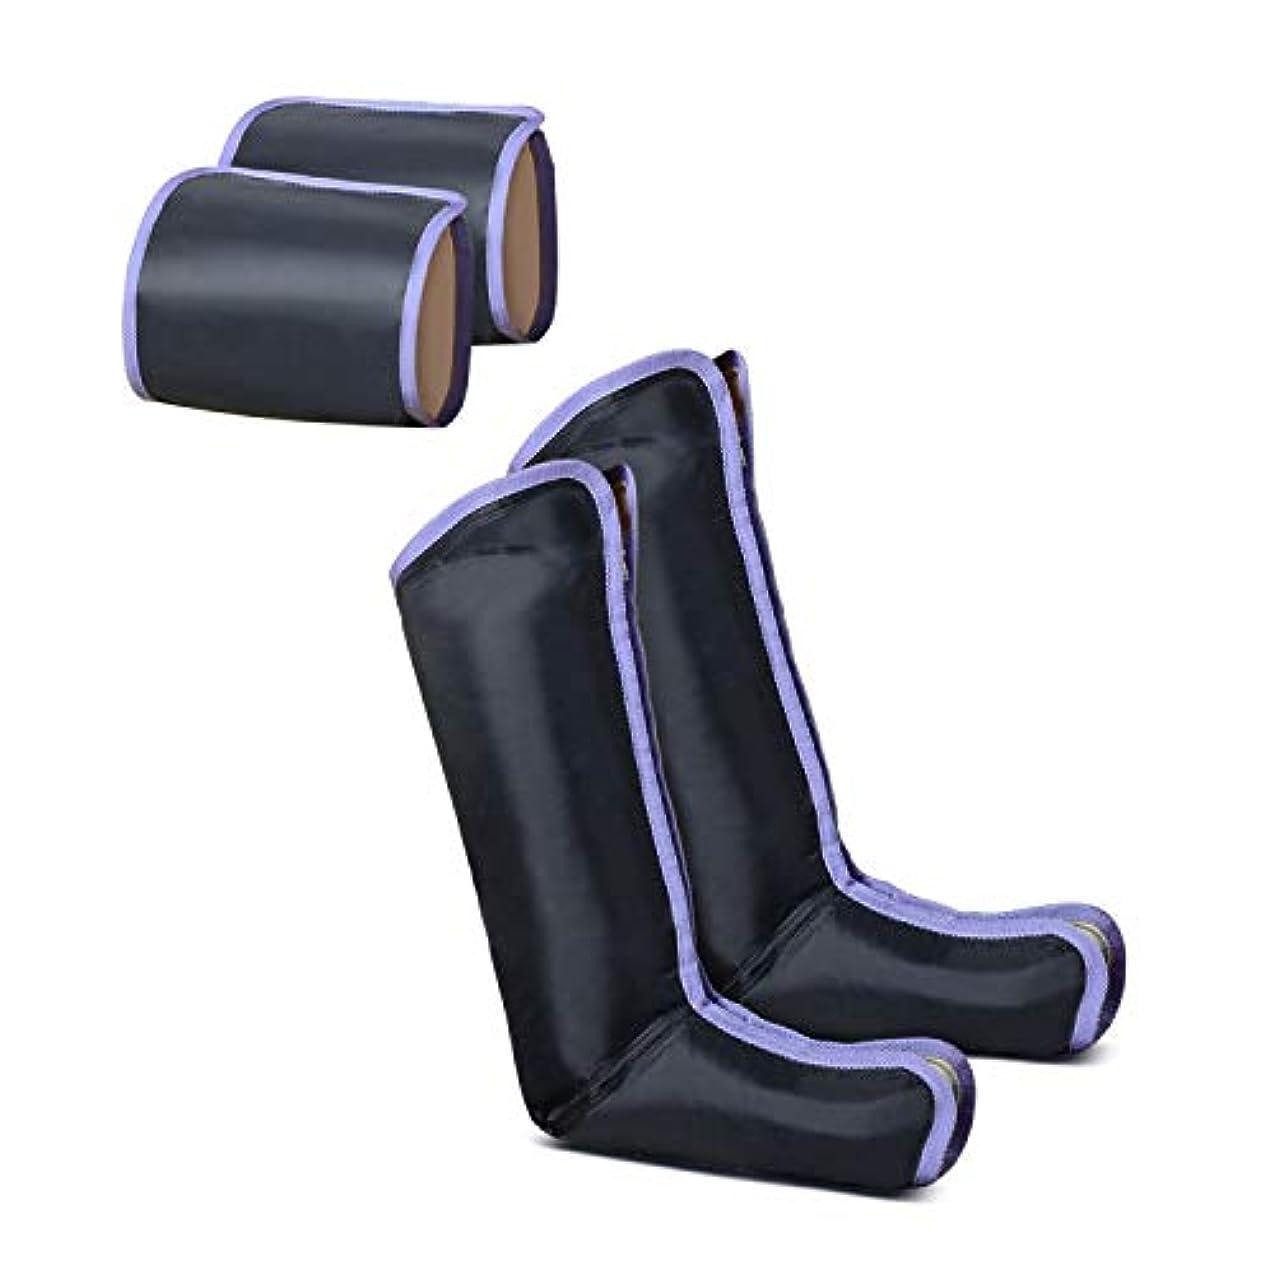 ケーキ時攻撃的SOLIN フットマッサージャー エアーマッサージャー レッグリフレ レッグマッサージ 電気マッサージ機 ひざ/太もも巻き対応 疲労の回復 血行の促進 贈り物